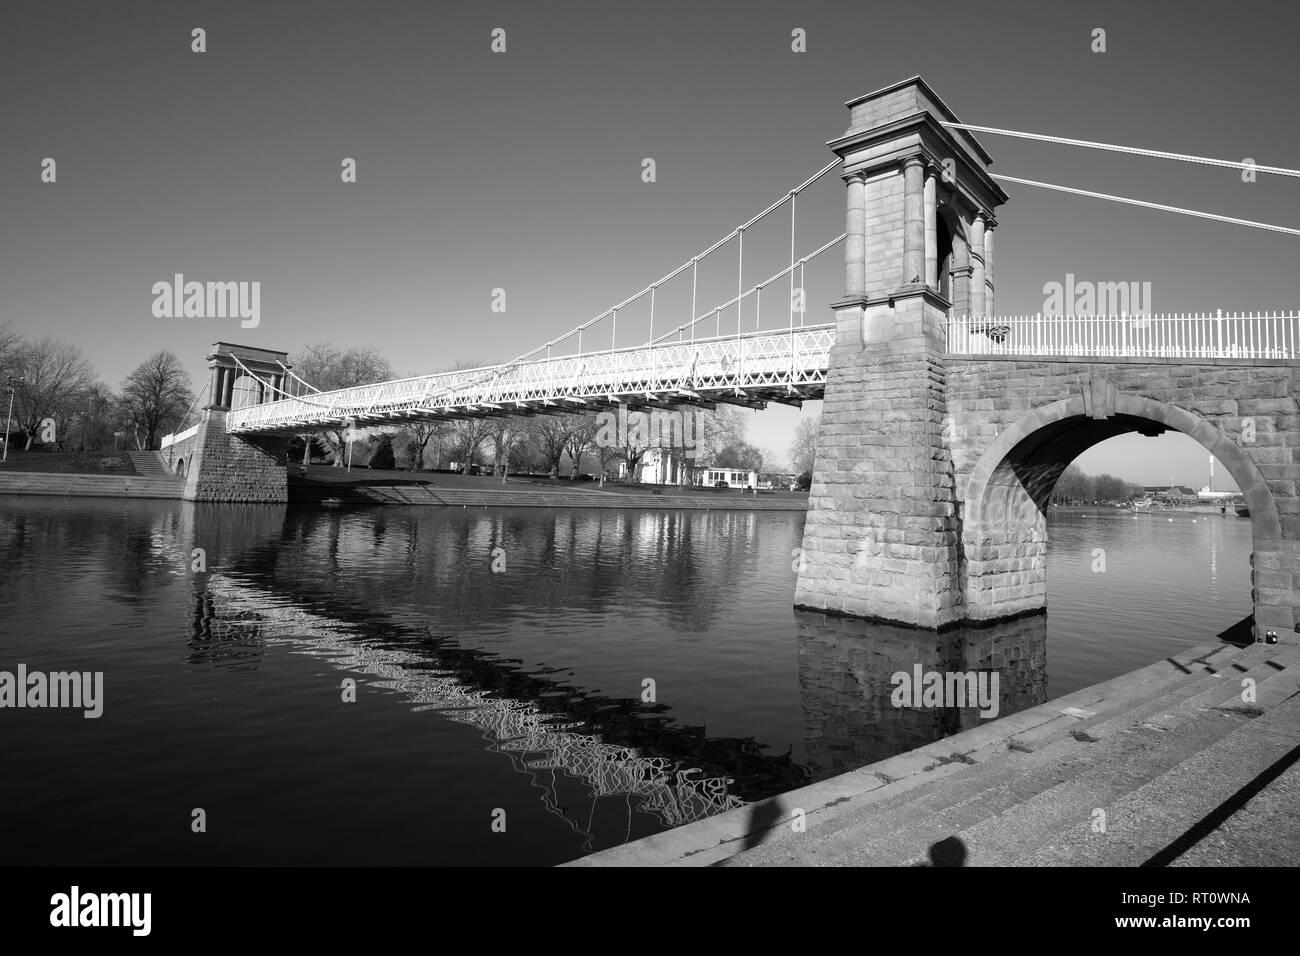 trent river began seeping - HD1300×956